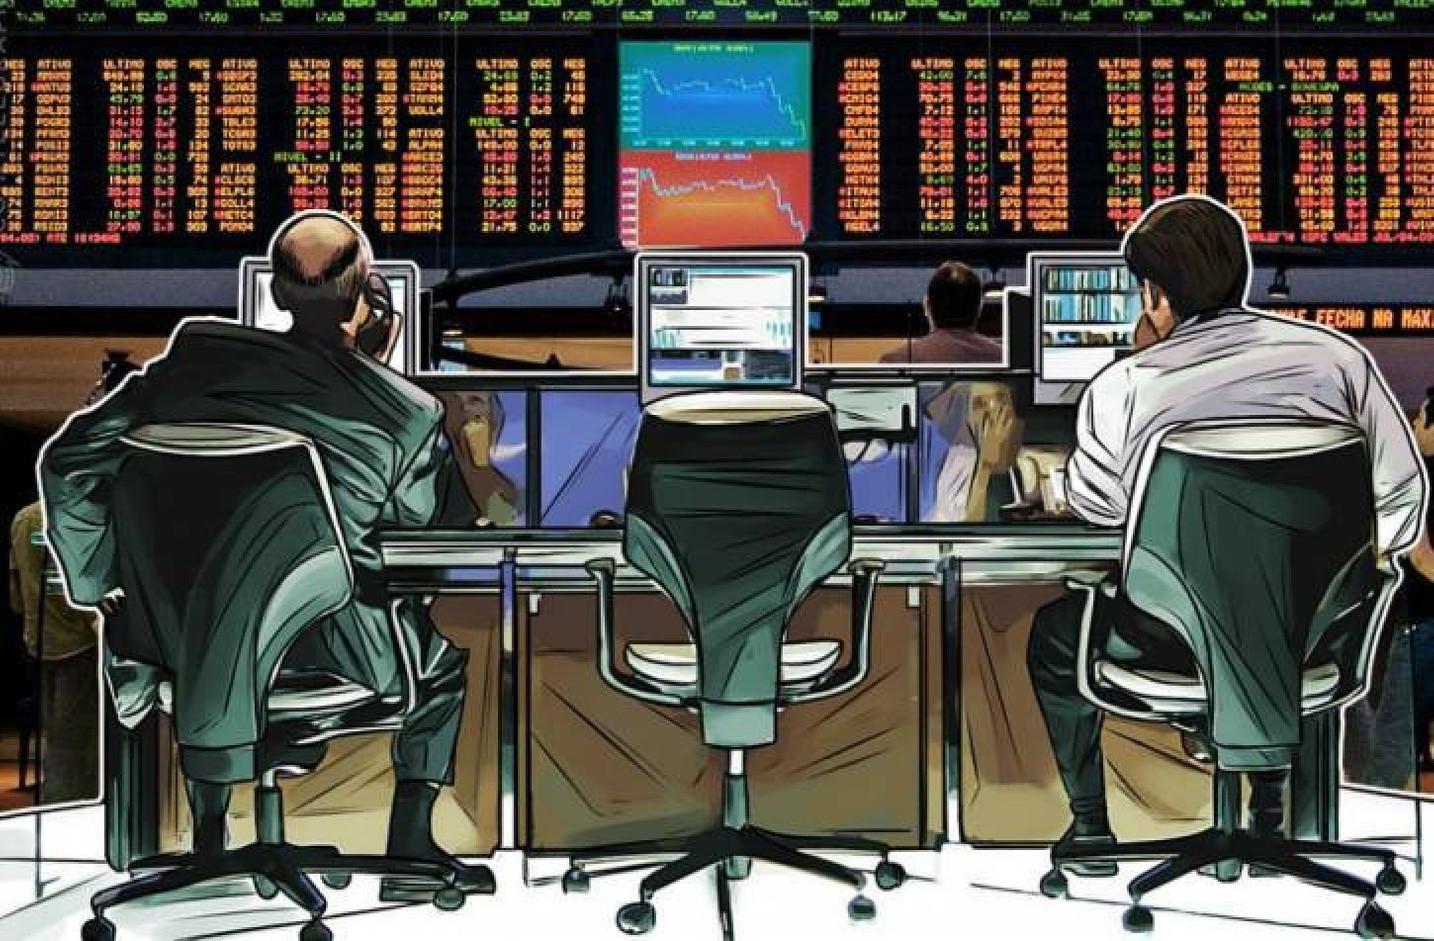 仮想通貨取引所コインチェック、ビットコインの板取引サービスに「プライスリミット」導入へ